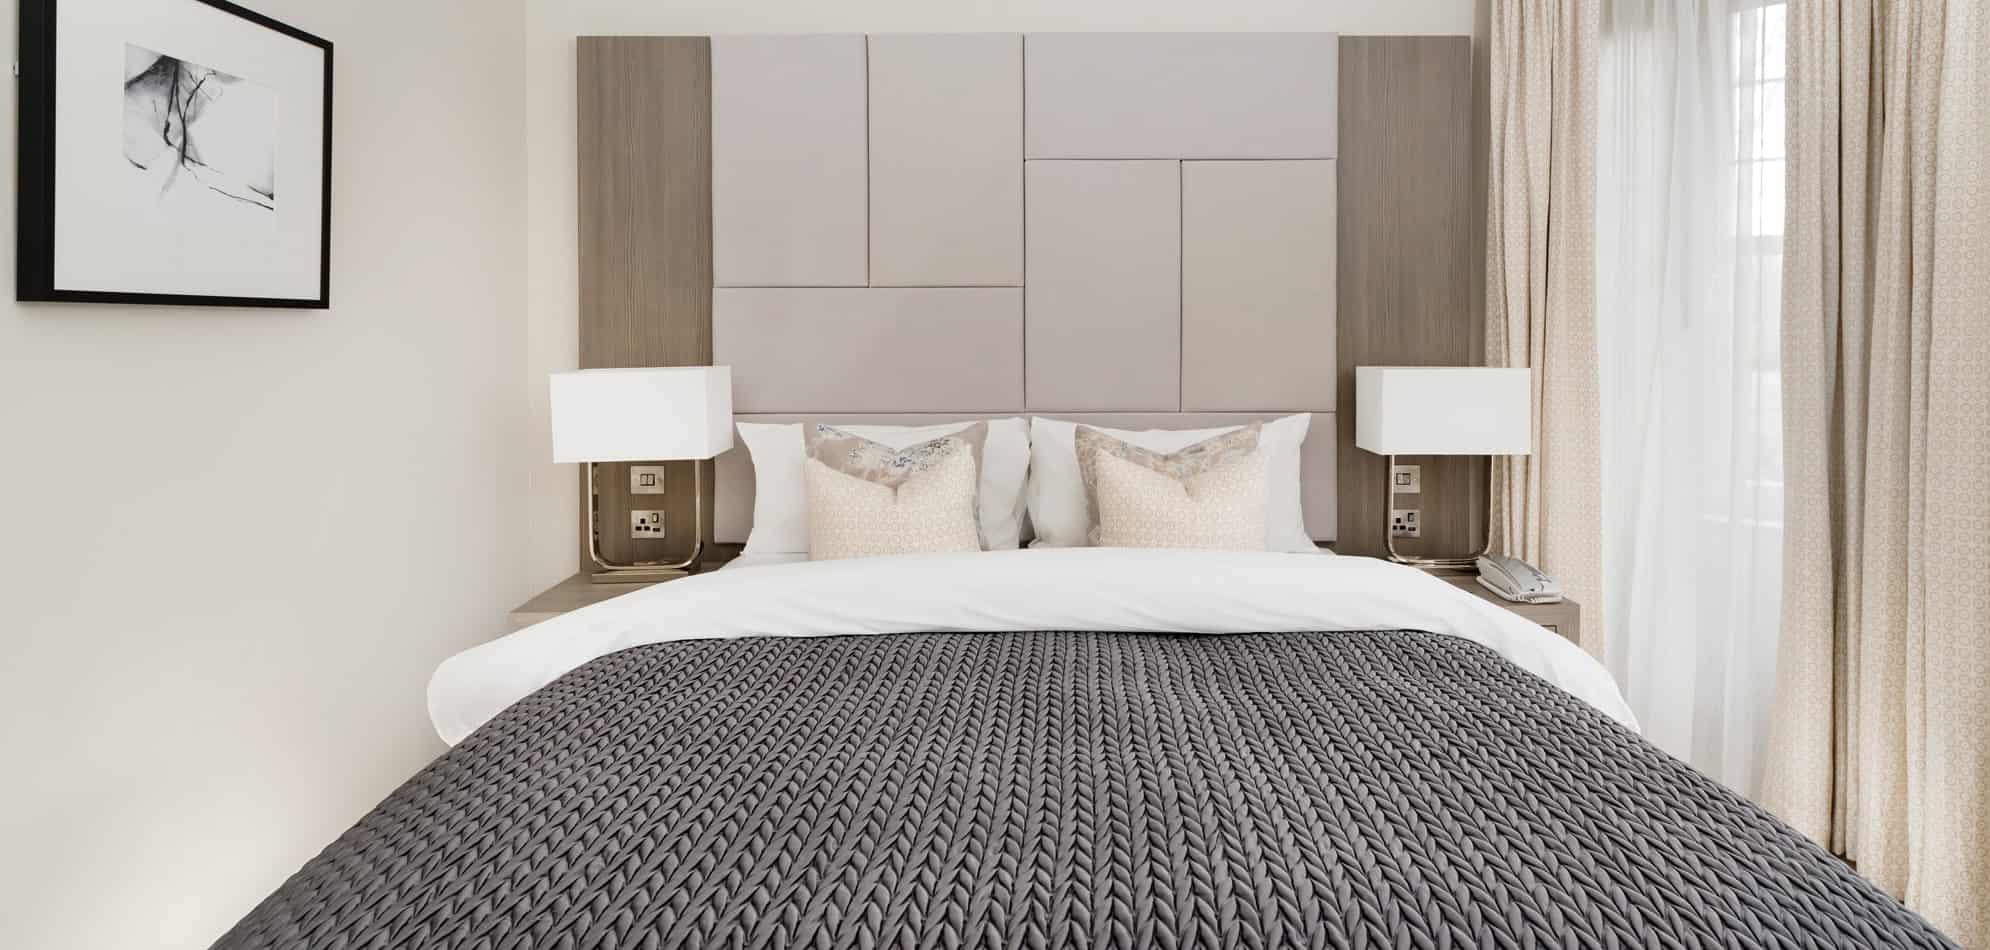 The Munro Suite